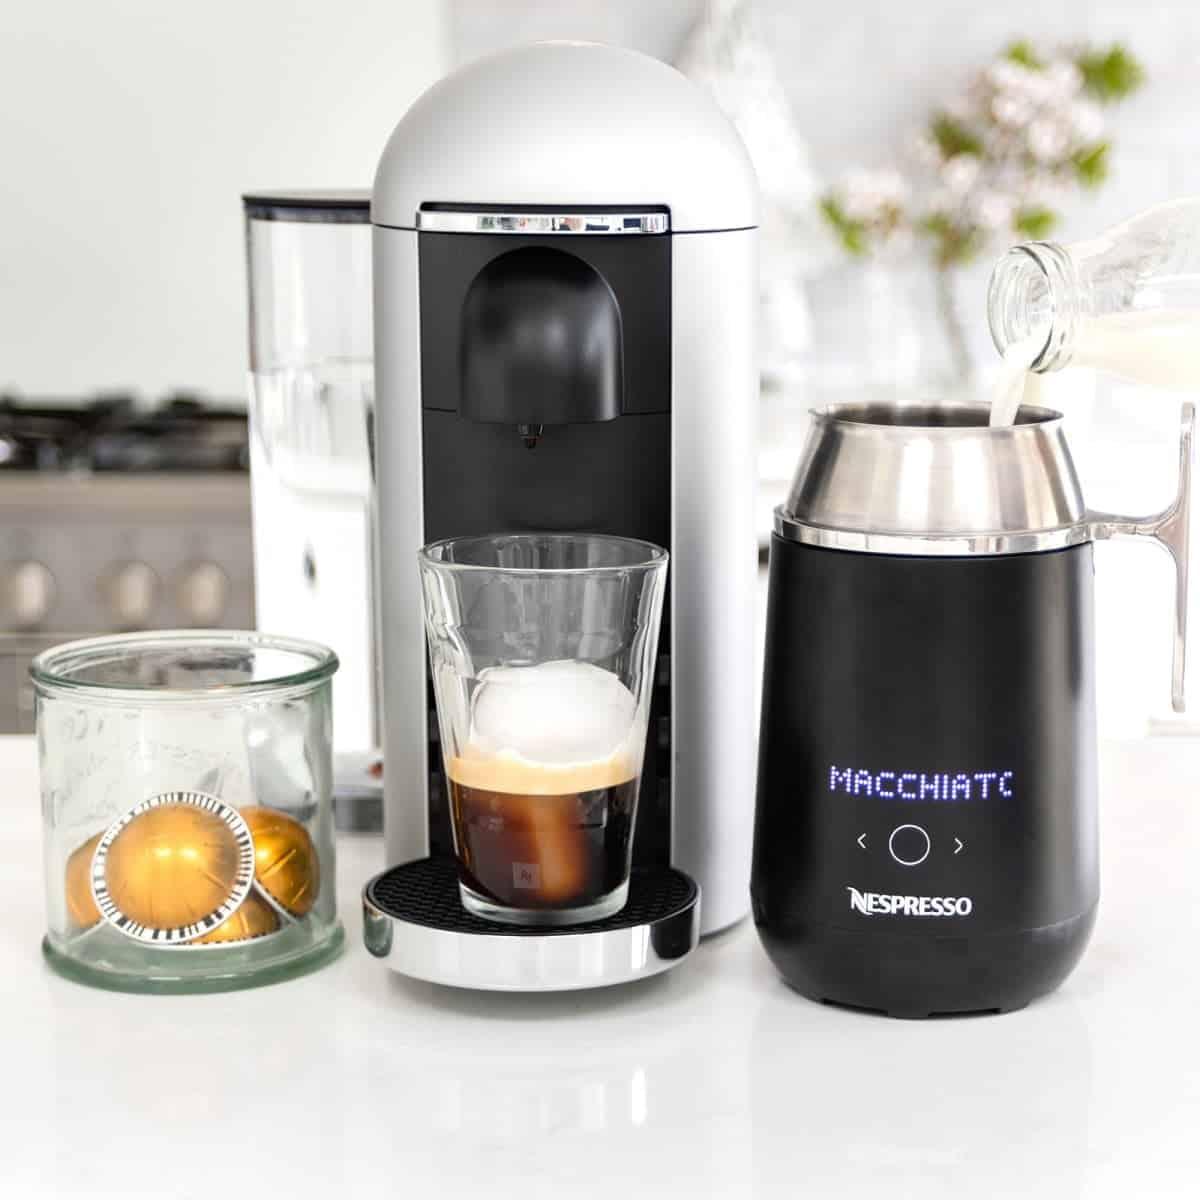 Making Nespresso on Ice Macchiato